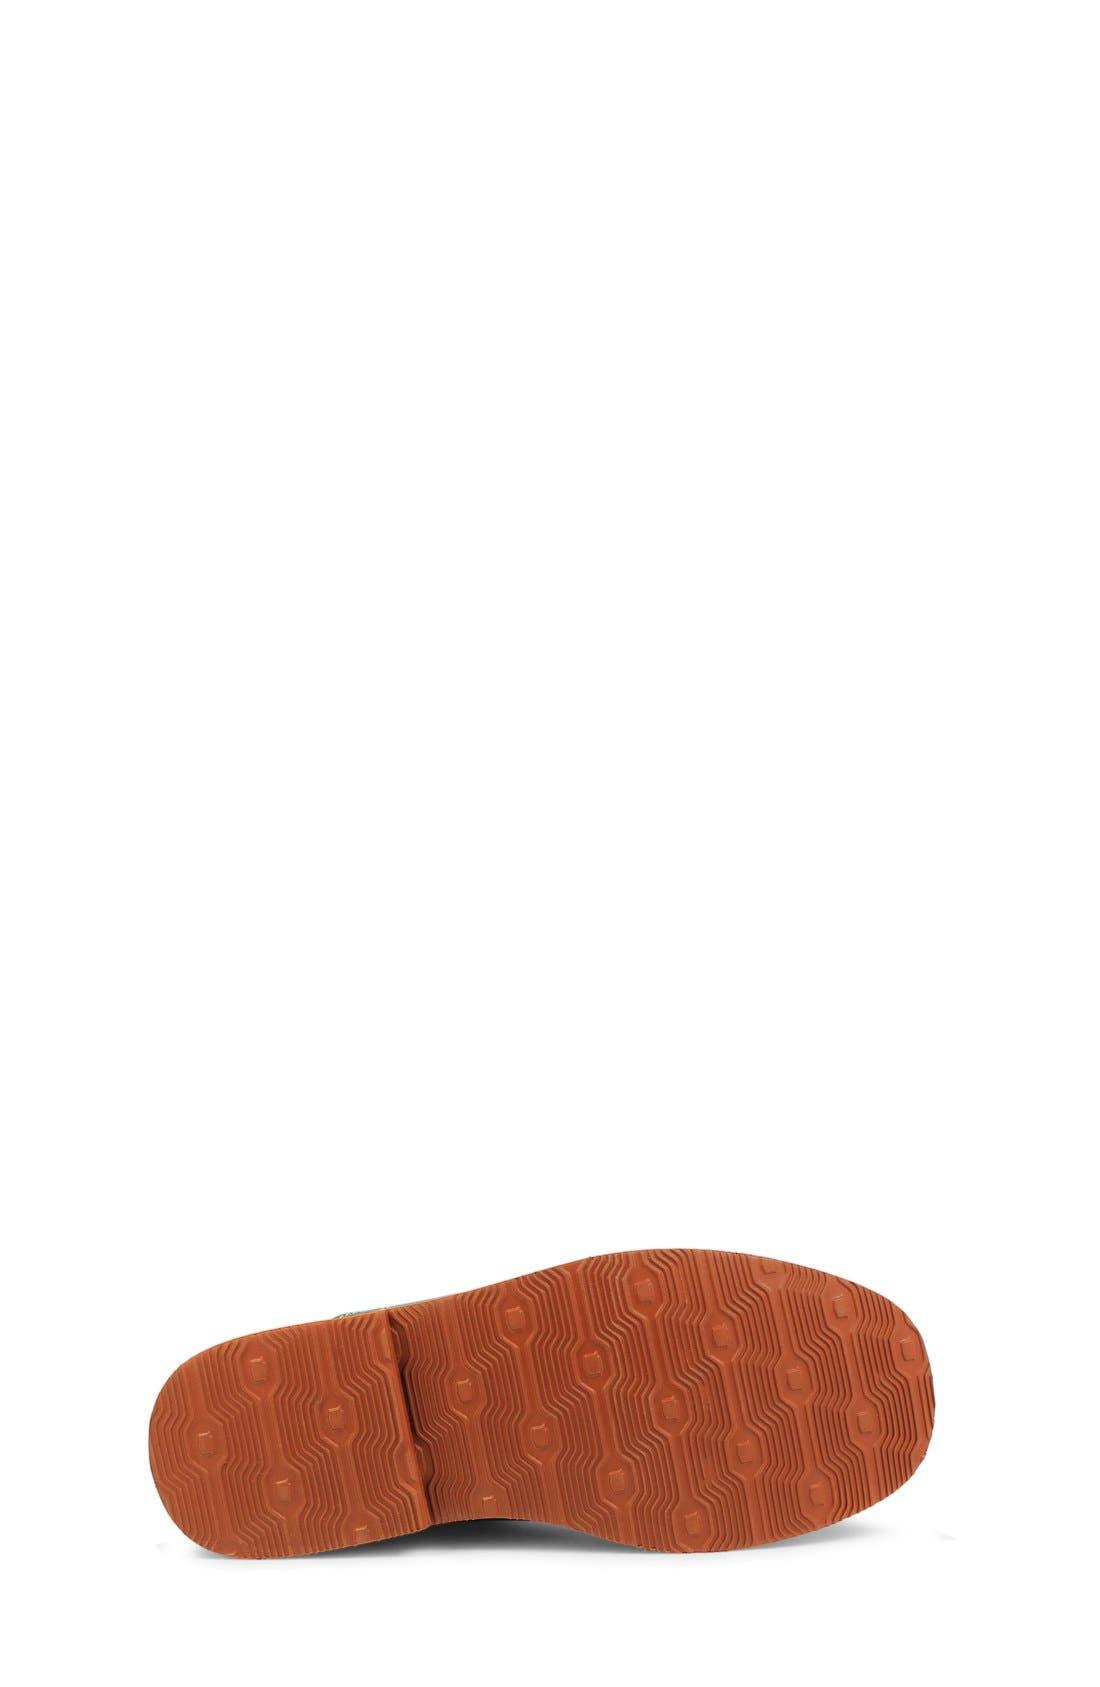 'Kennett Jr.' Saddle Shoe,                             Alternate thumbnail 6, color,                             200